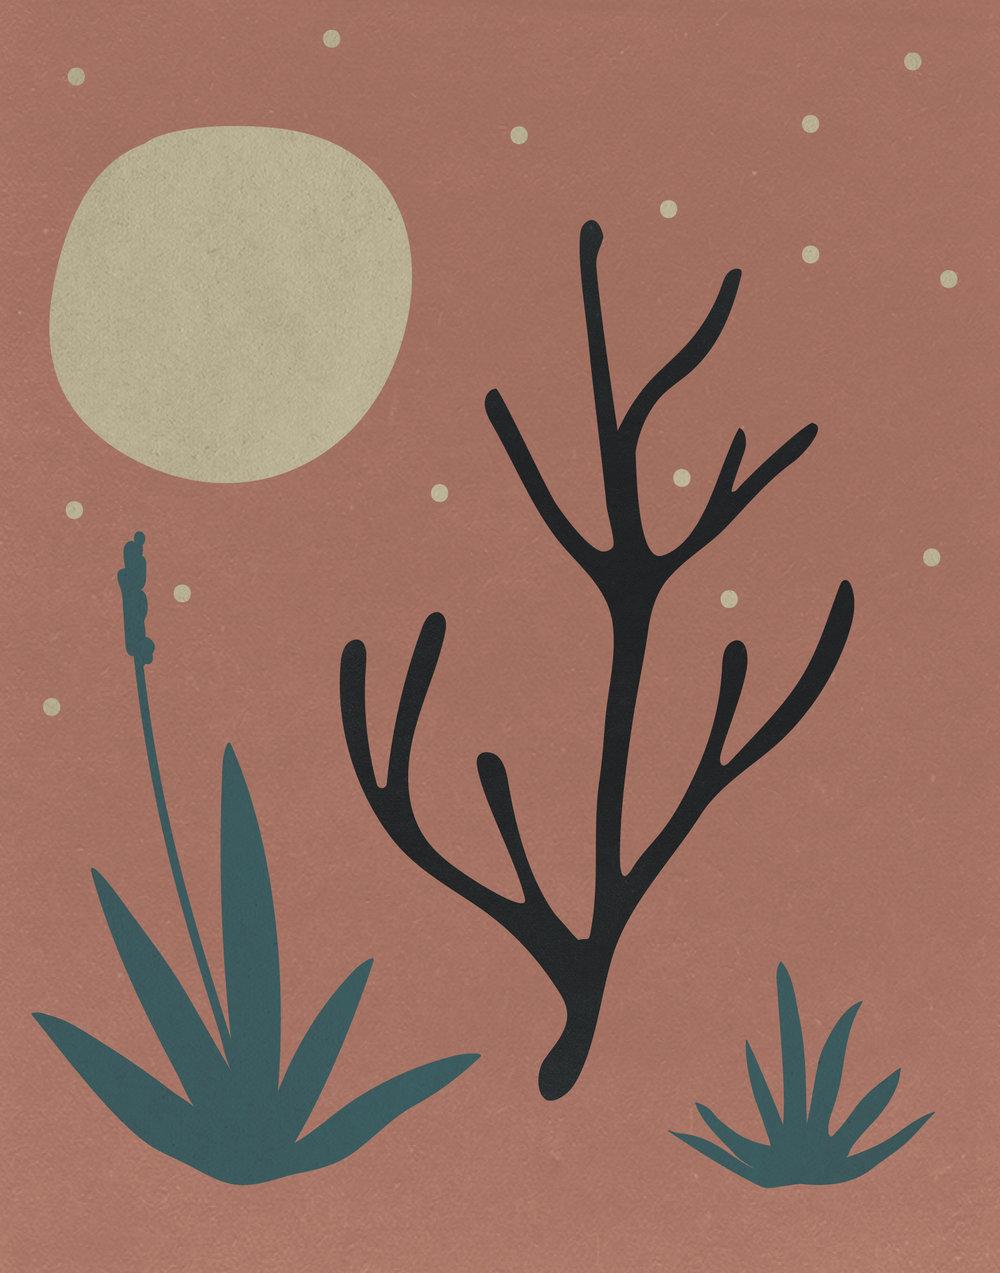 cactus-scape-simple-06.jpg